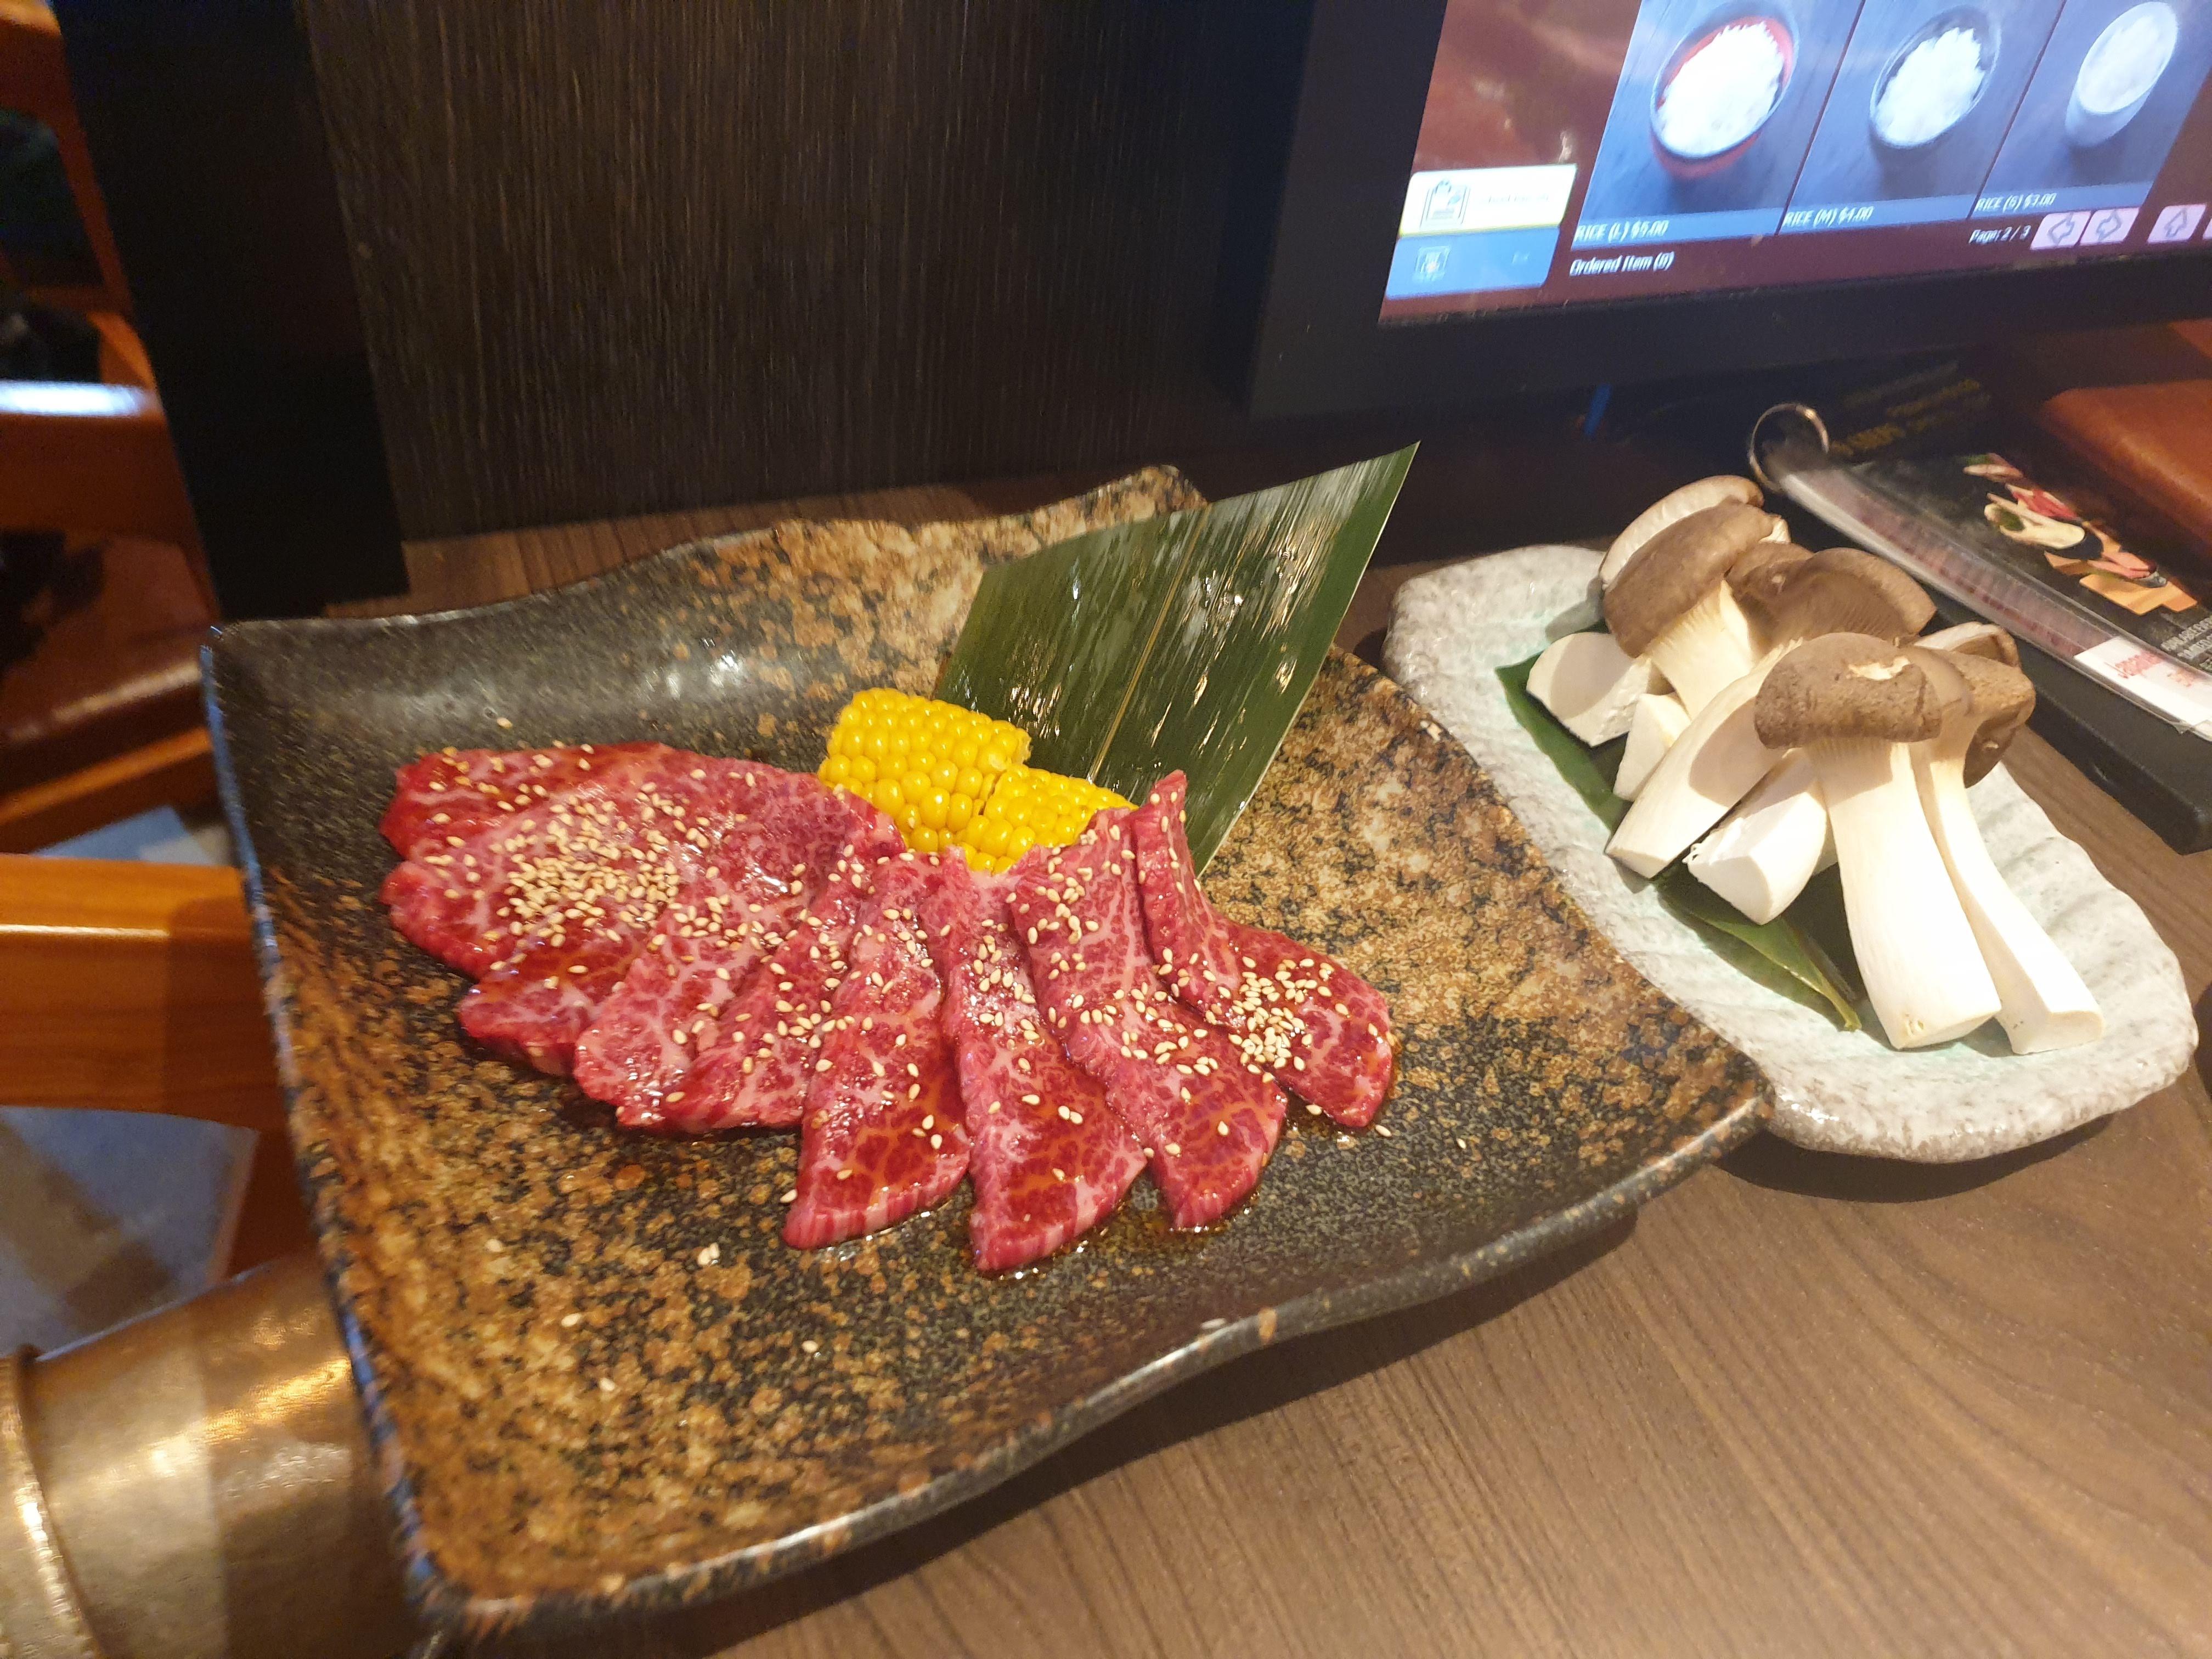 『無双』という焼き肉屋さんにパートナーと行ってみた